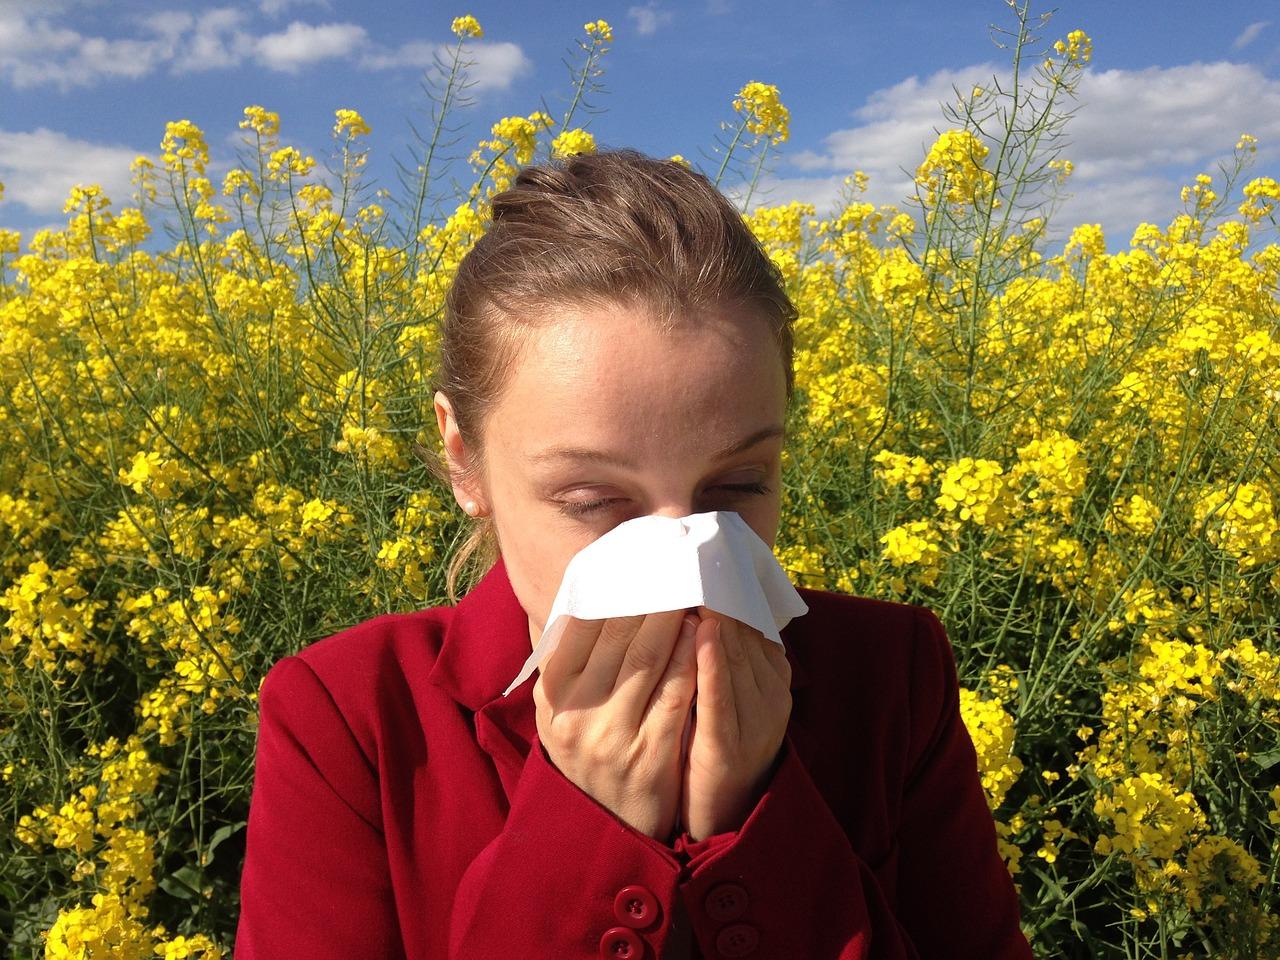 Dekle, ki si briše nos